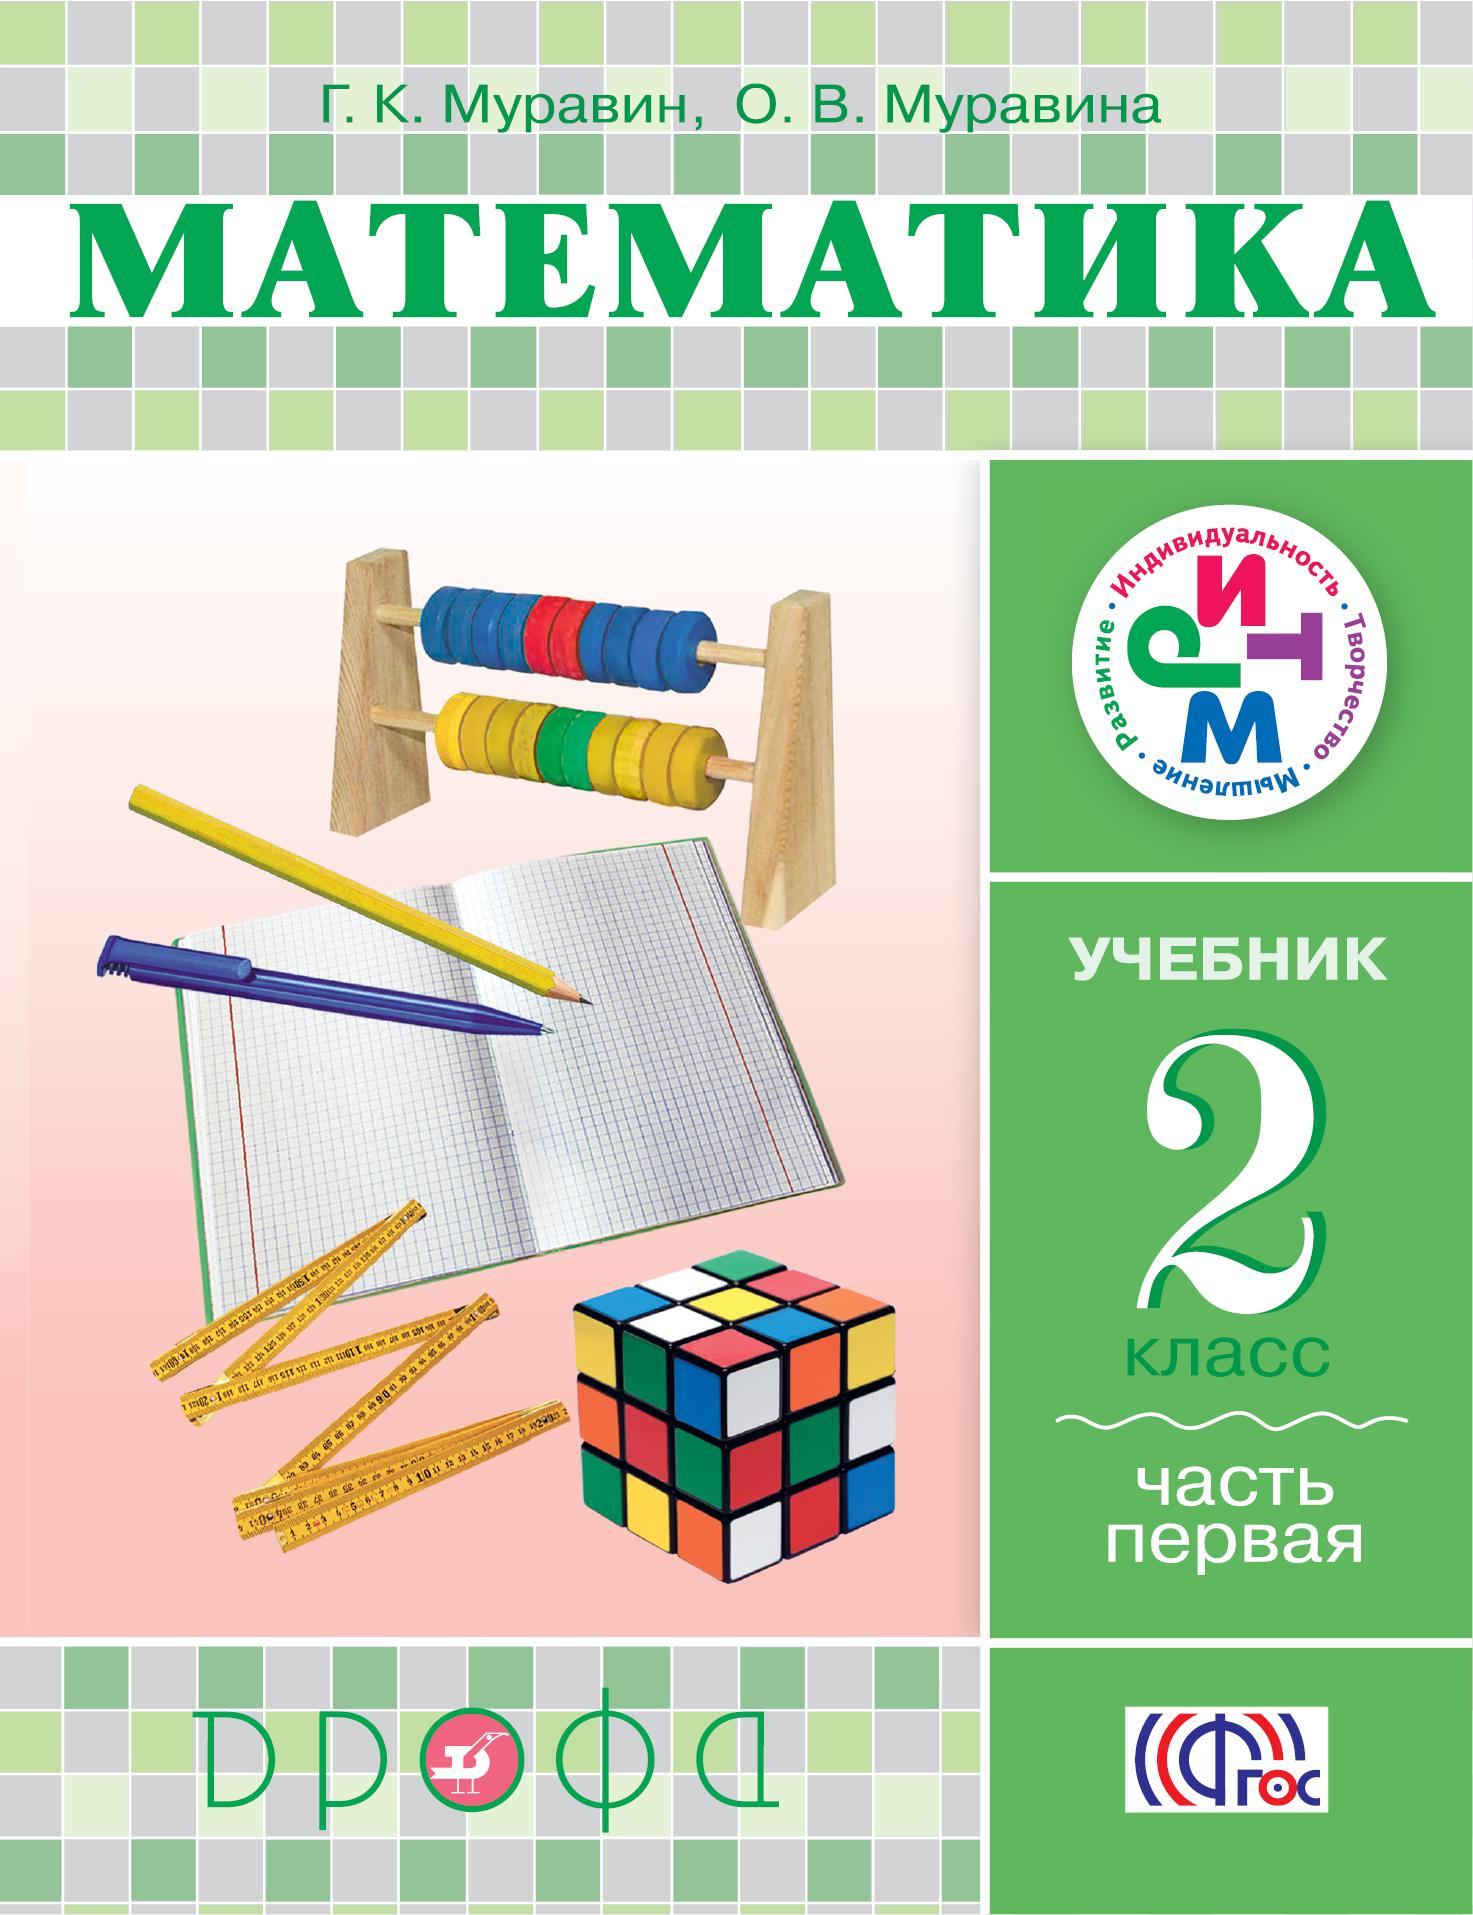 Математика 2кл [Учебник ч1] РИТМ ФП